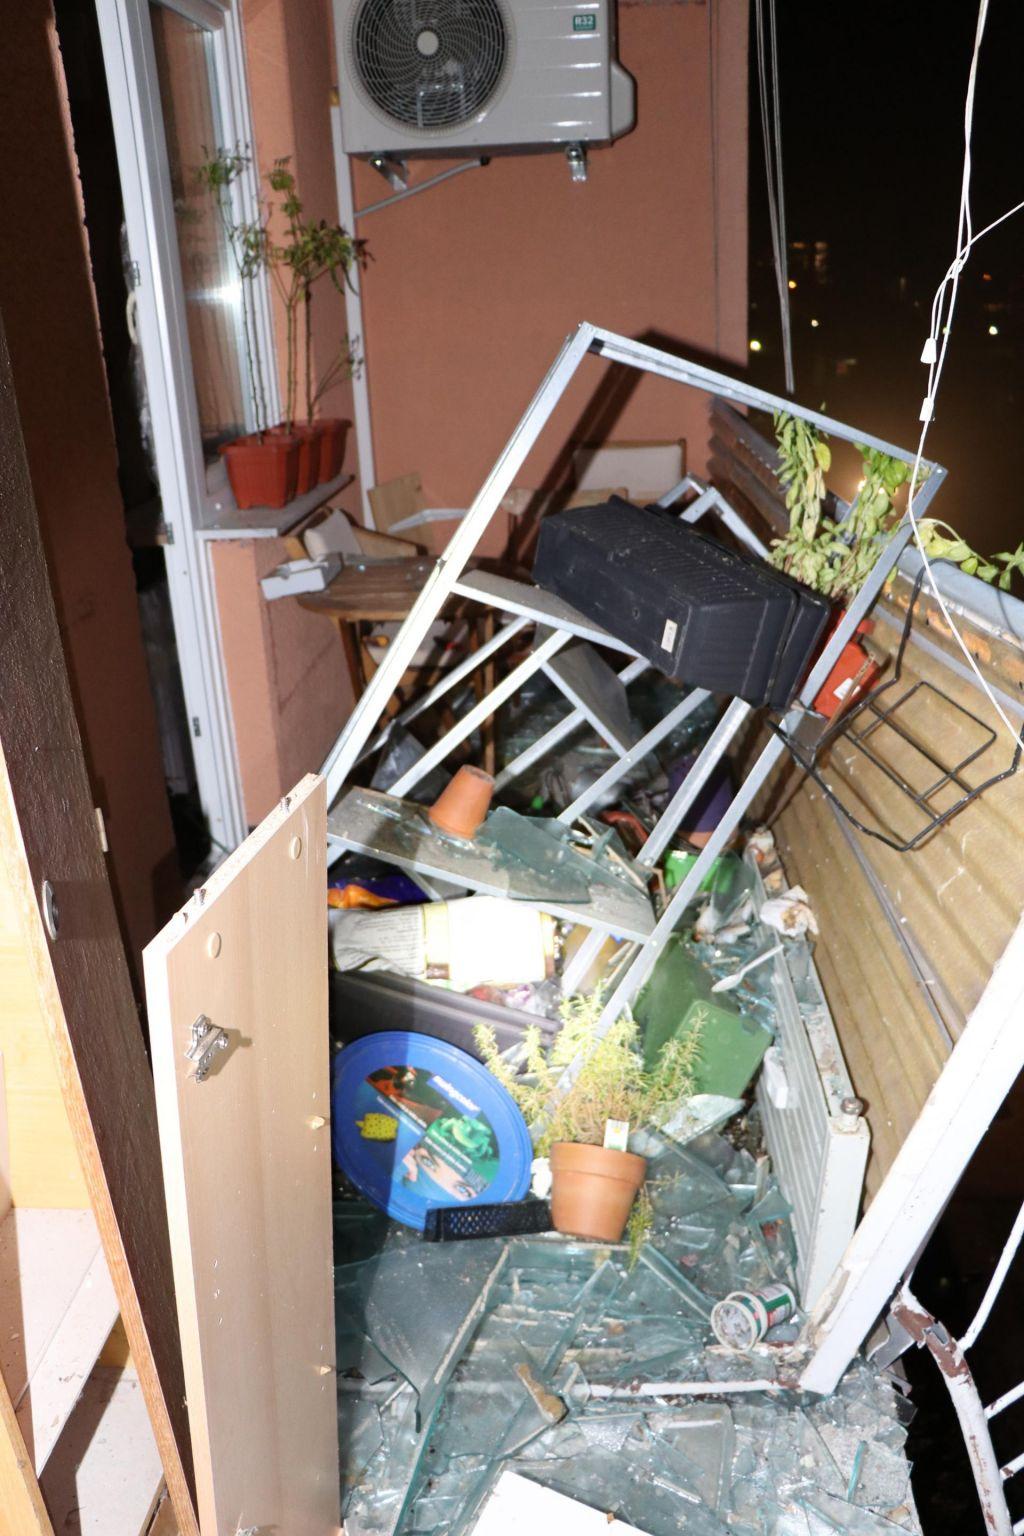 FOTO:Eksplozija povzročila za pol milijona evrov škode, povzročitelju grozi zaporna kazen